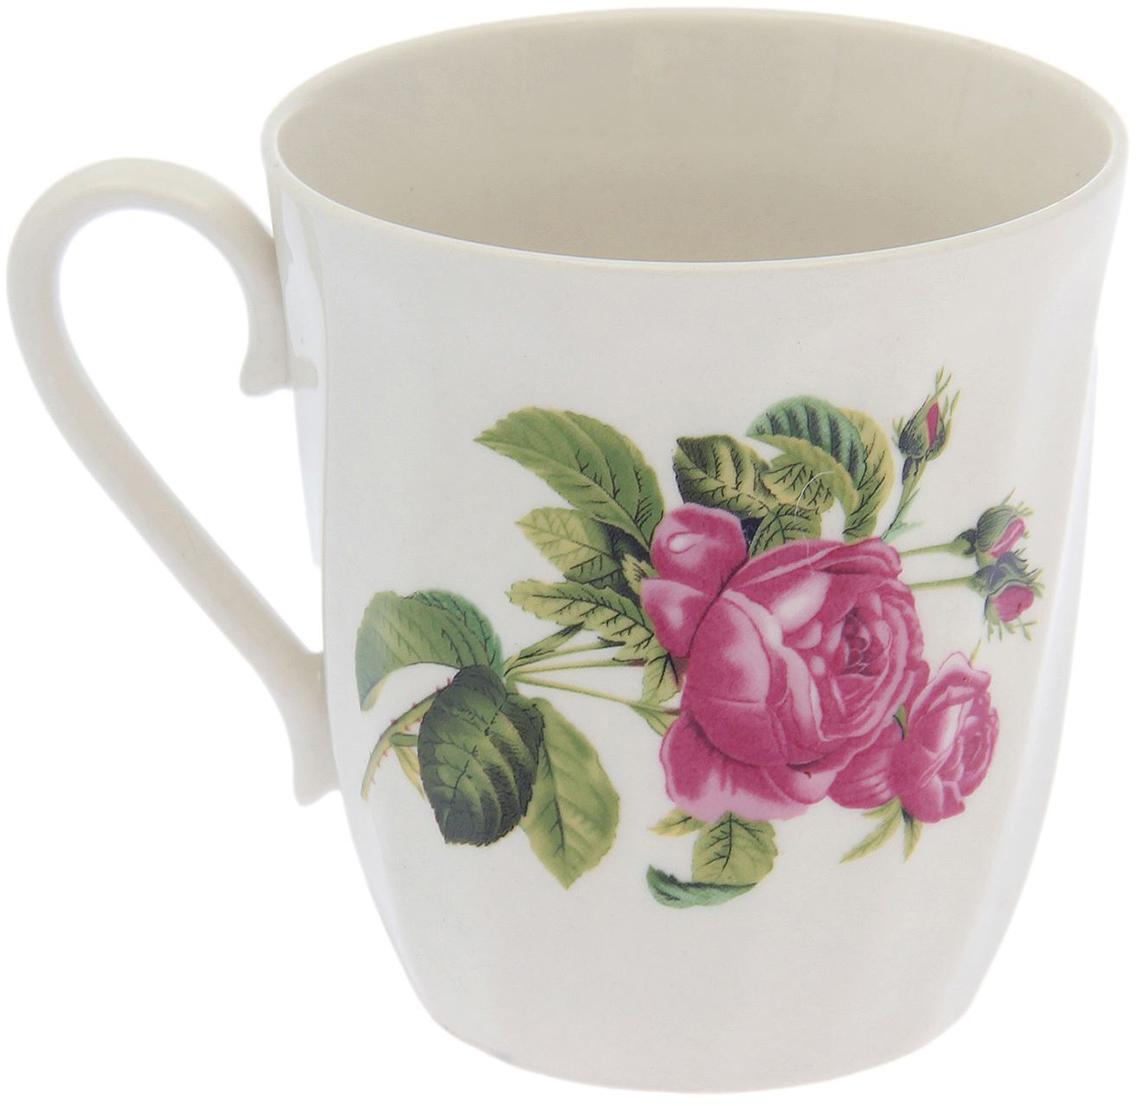 """Кружка """"Волна. Роза Кавказа"""" выполнена из керамики. Изделие выдержит высокую и низкую температуру, надолго сохранит чай горячим, а остуженные напитки холодными. Емкость не выделяет вредных веществ при сильном нагреве. Кружка долго сохраняет первоначальный внешний вид и подходит как для мытья вручную, так и в посудомоечной машине. Интересное оформление украшает изделие и выделяет среди прочих. Окружайте себя красивыми вещами: такая чашка поднимет вам настроение даже в ненастный день!"""